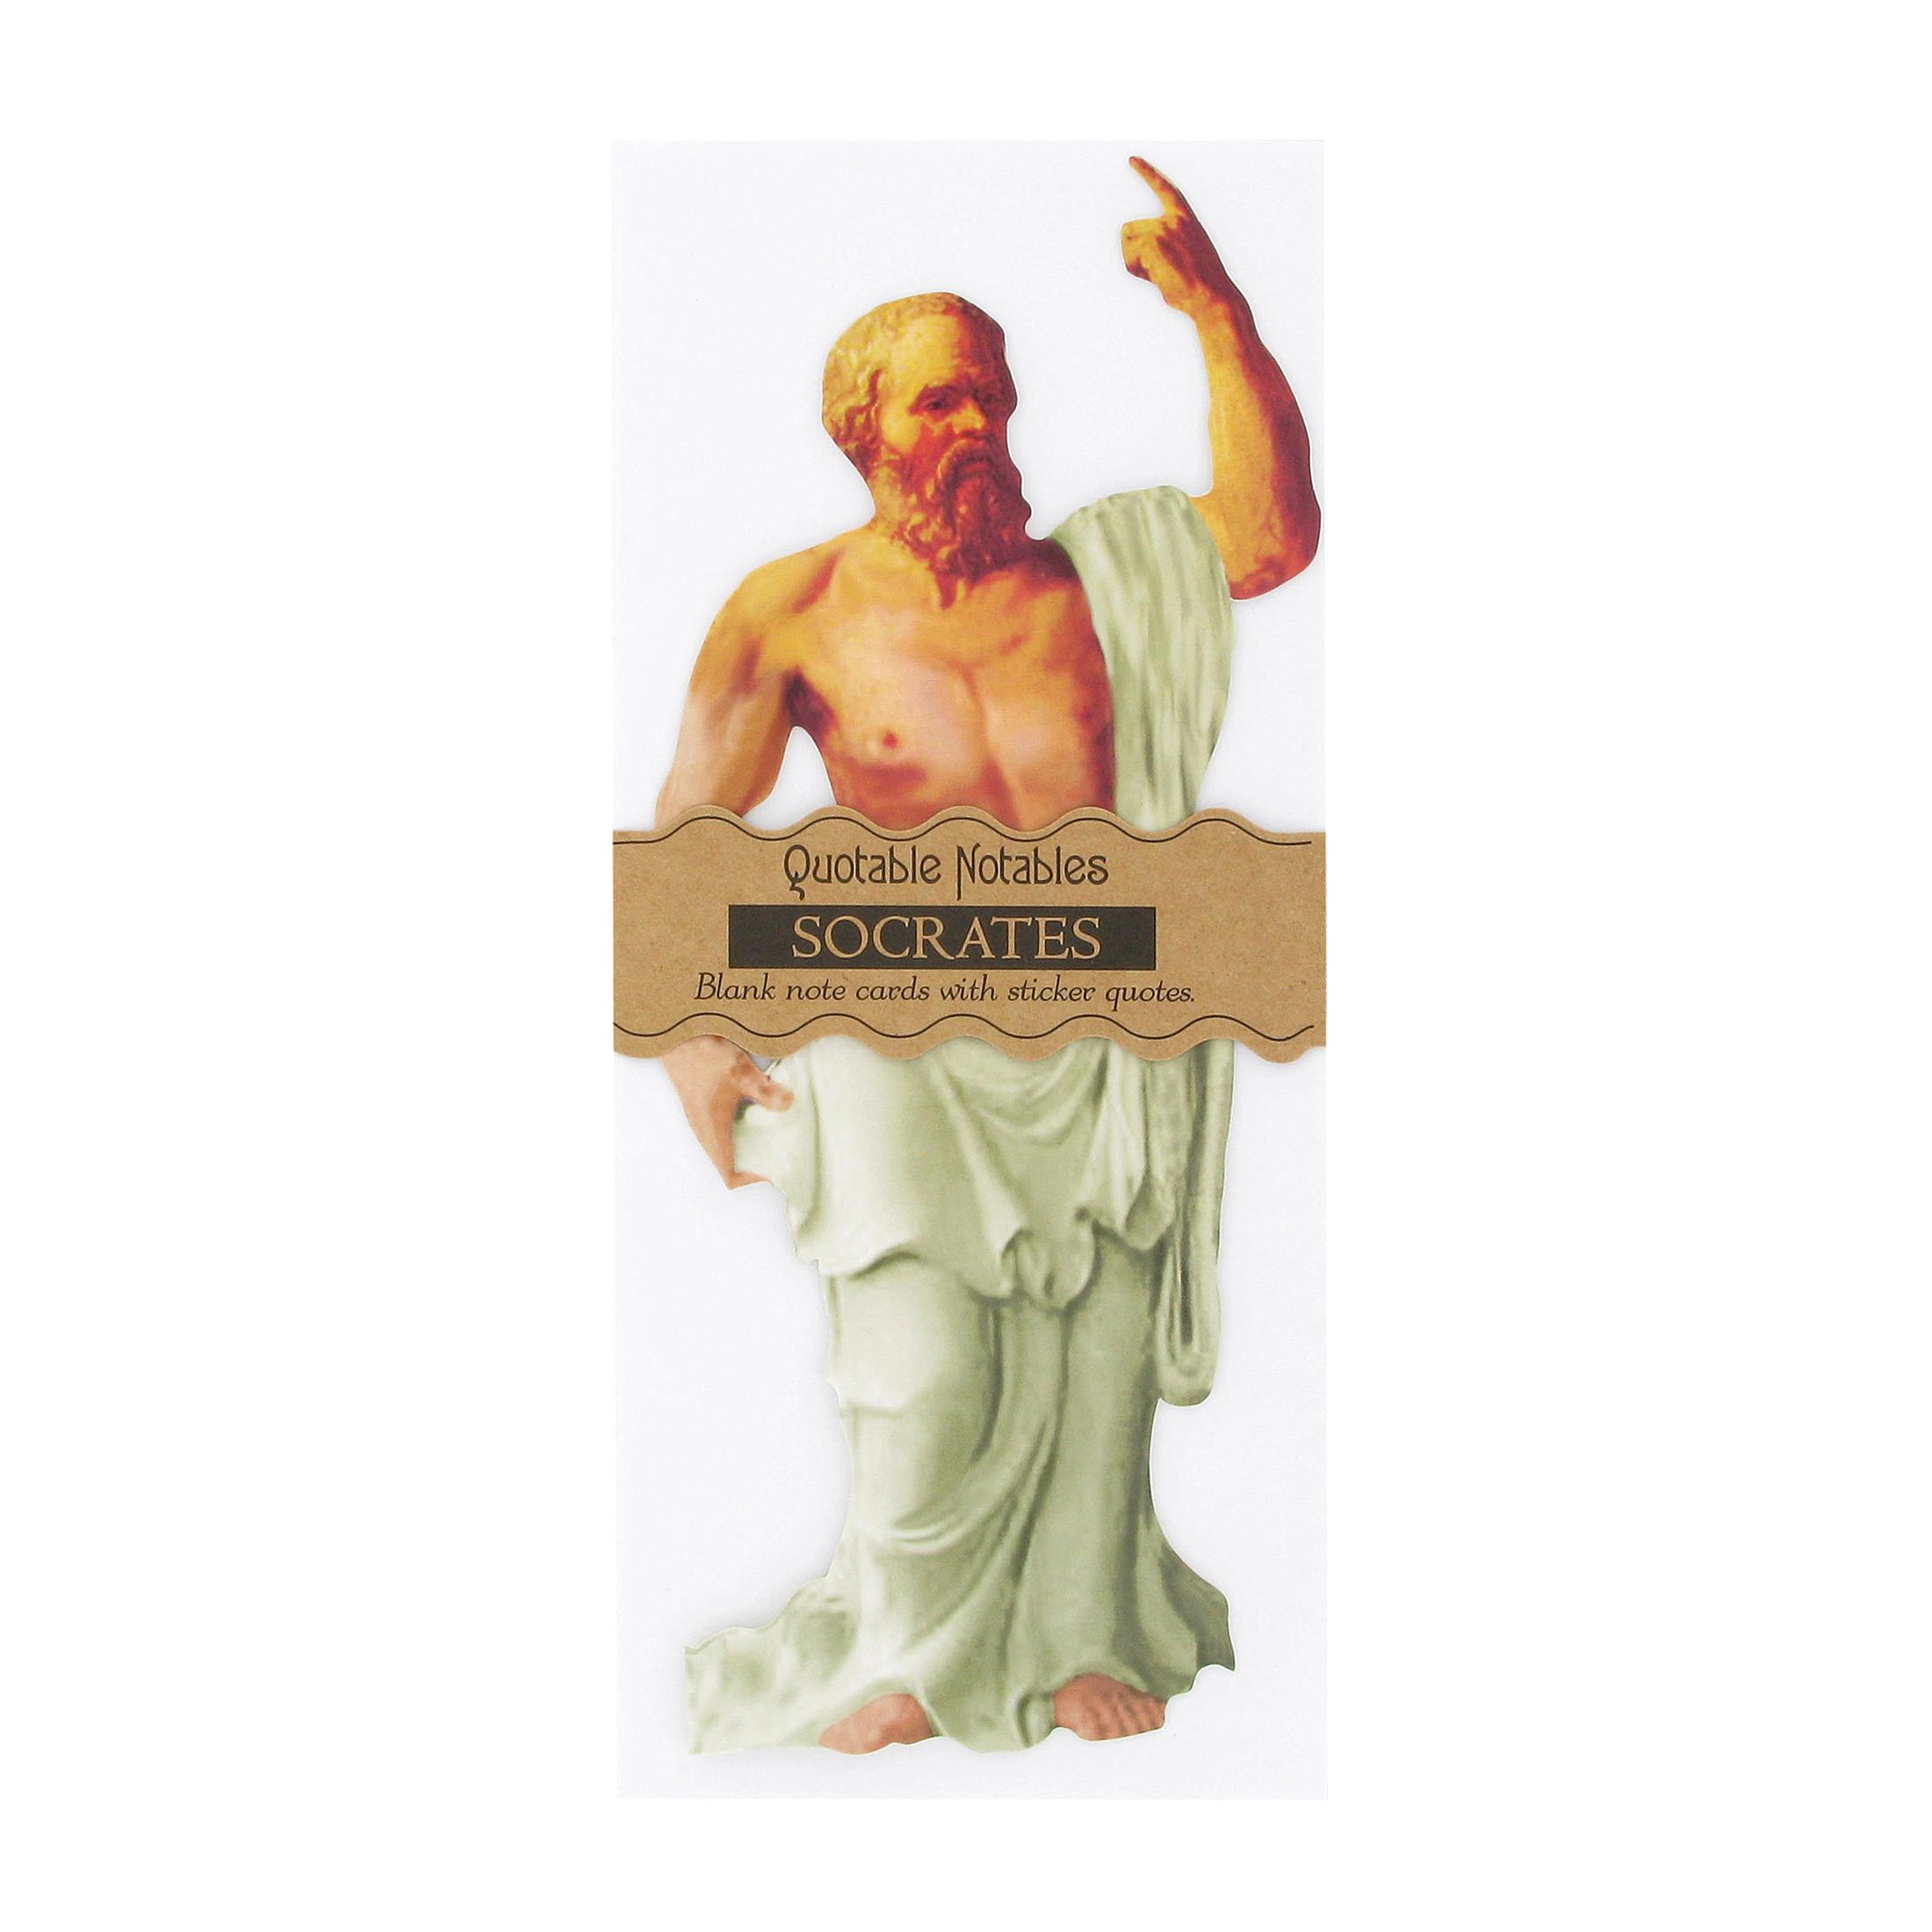 Socrates quotes card